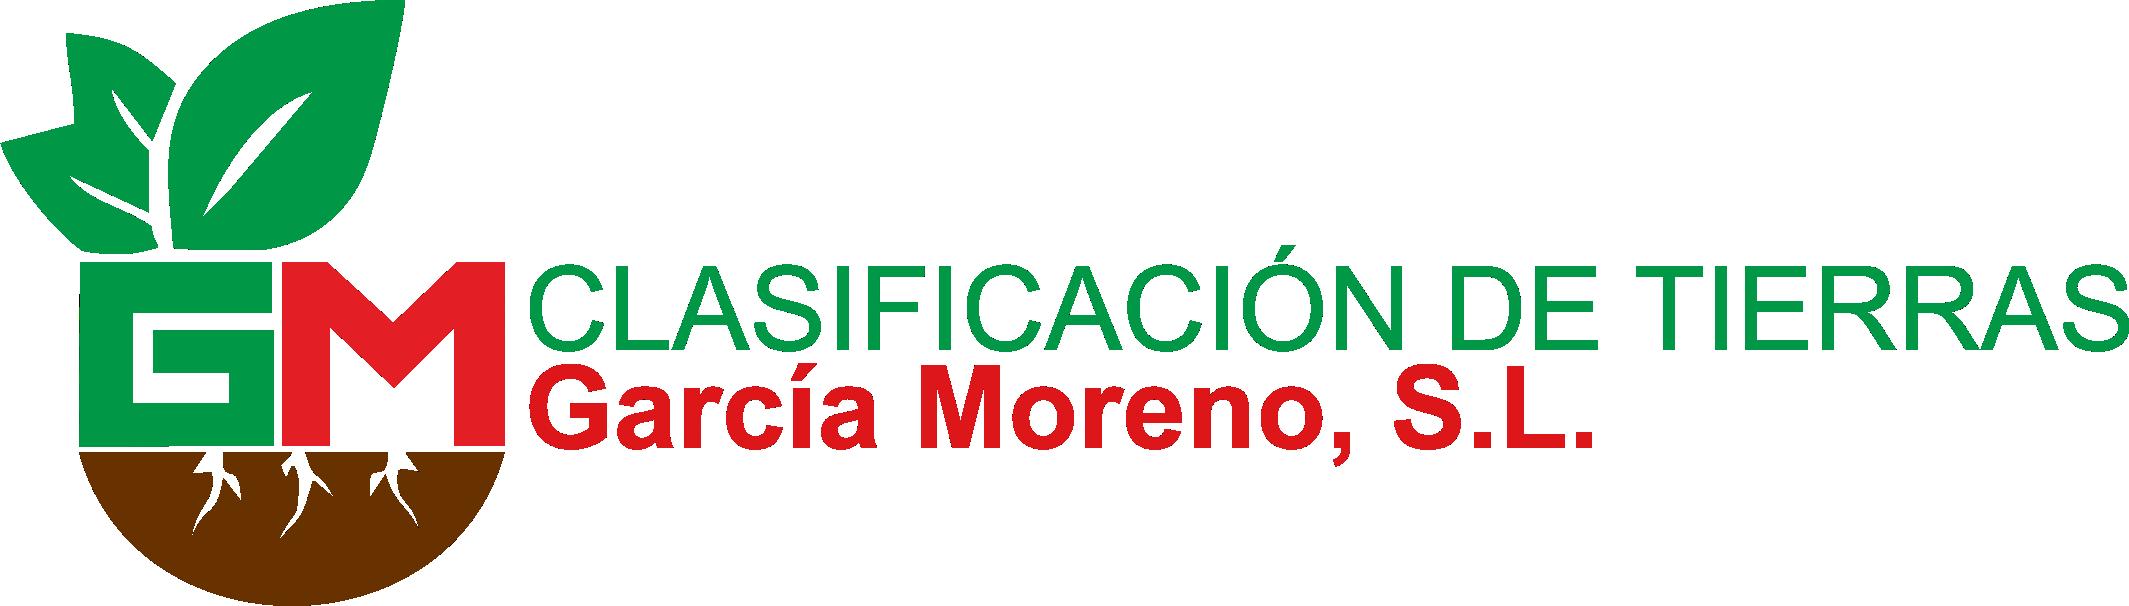 Clasificacion De Tierras Garcia Moreno Sl